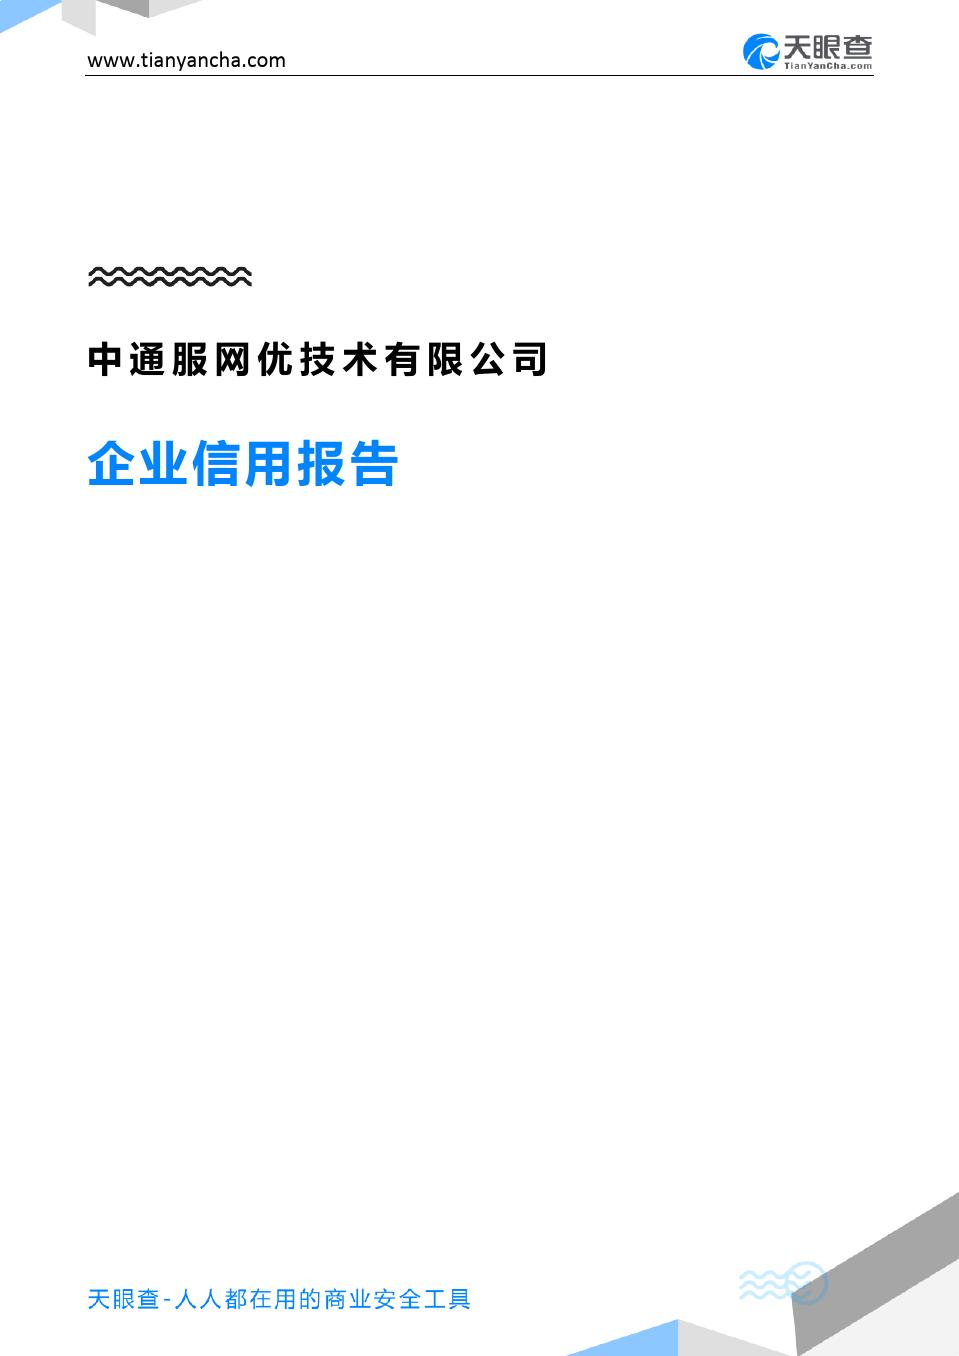 中通服网优技术有限公司(企业信用报告)- 天眼查